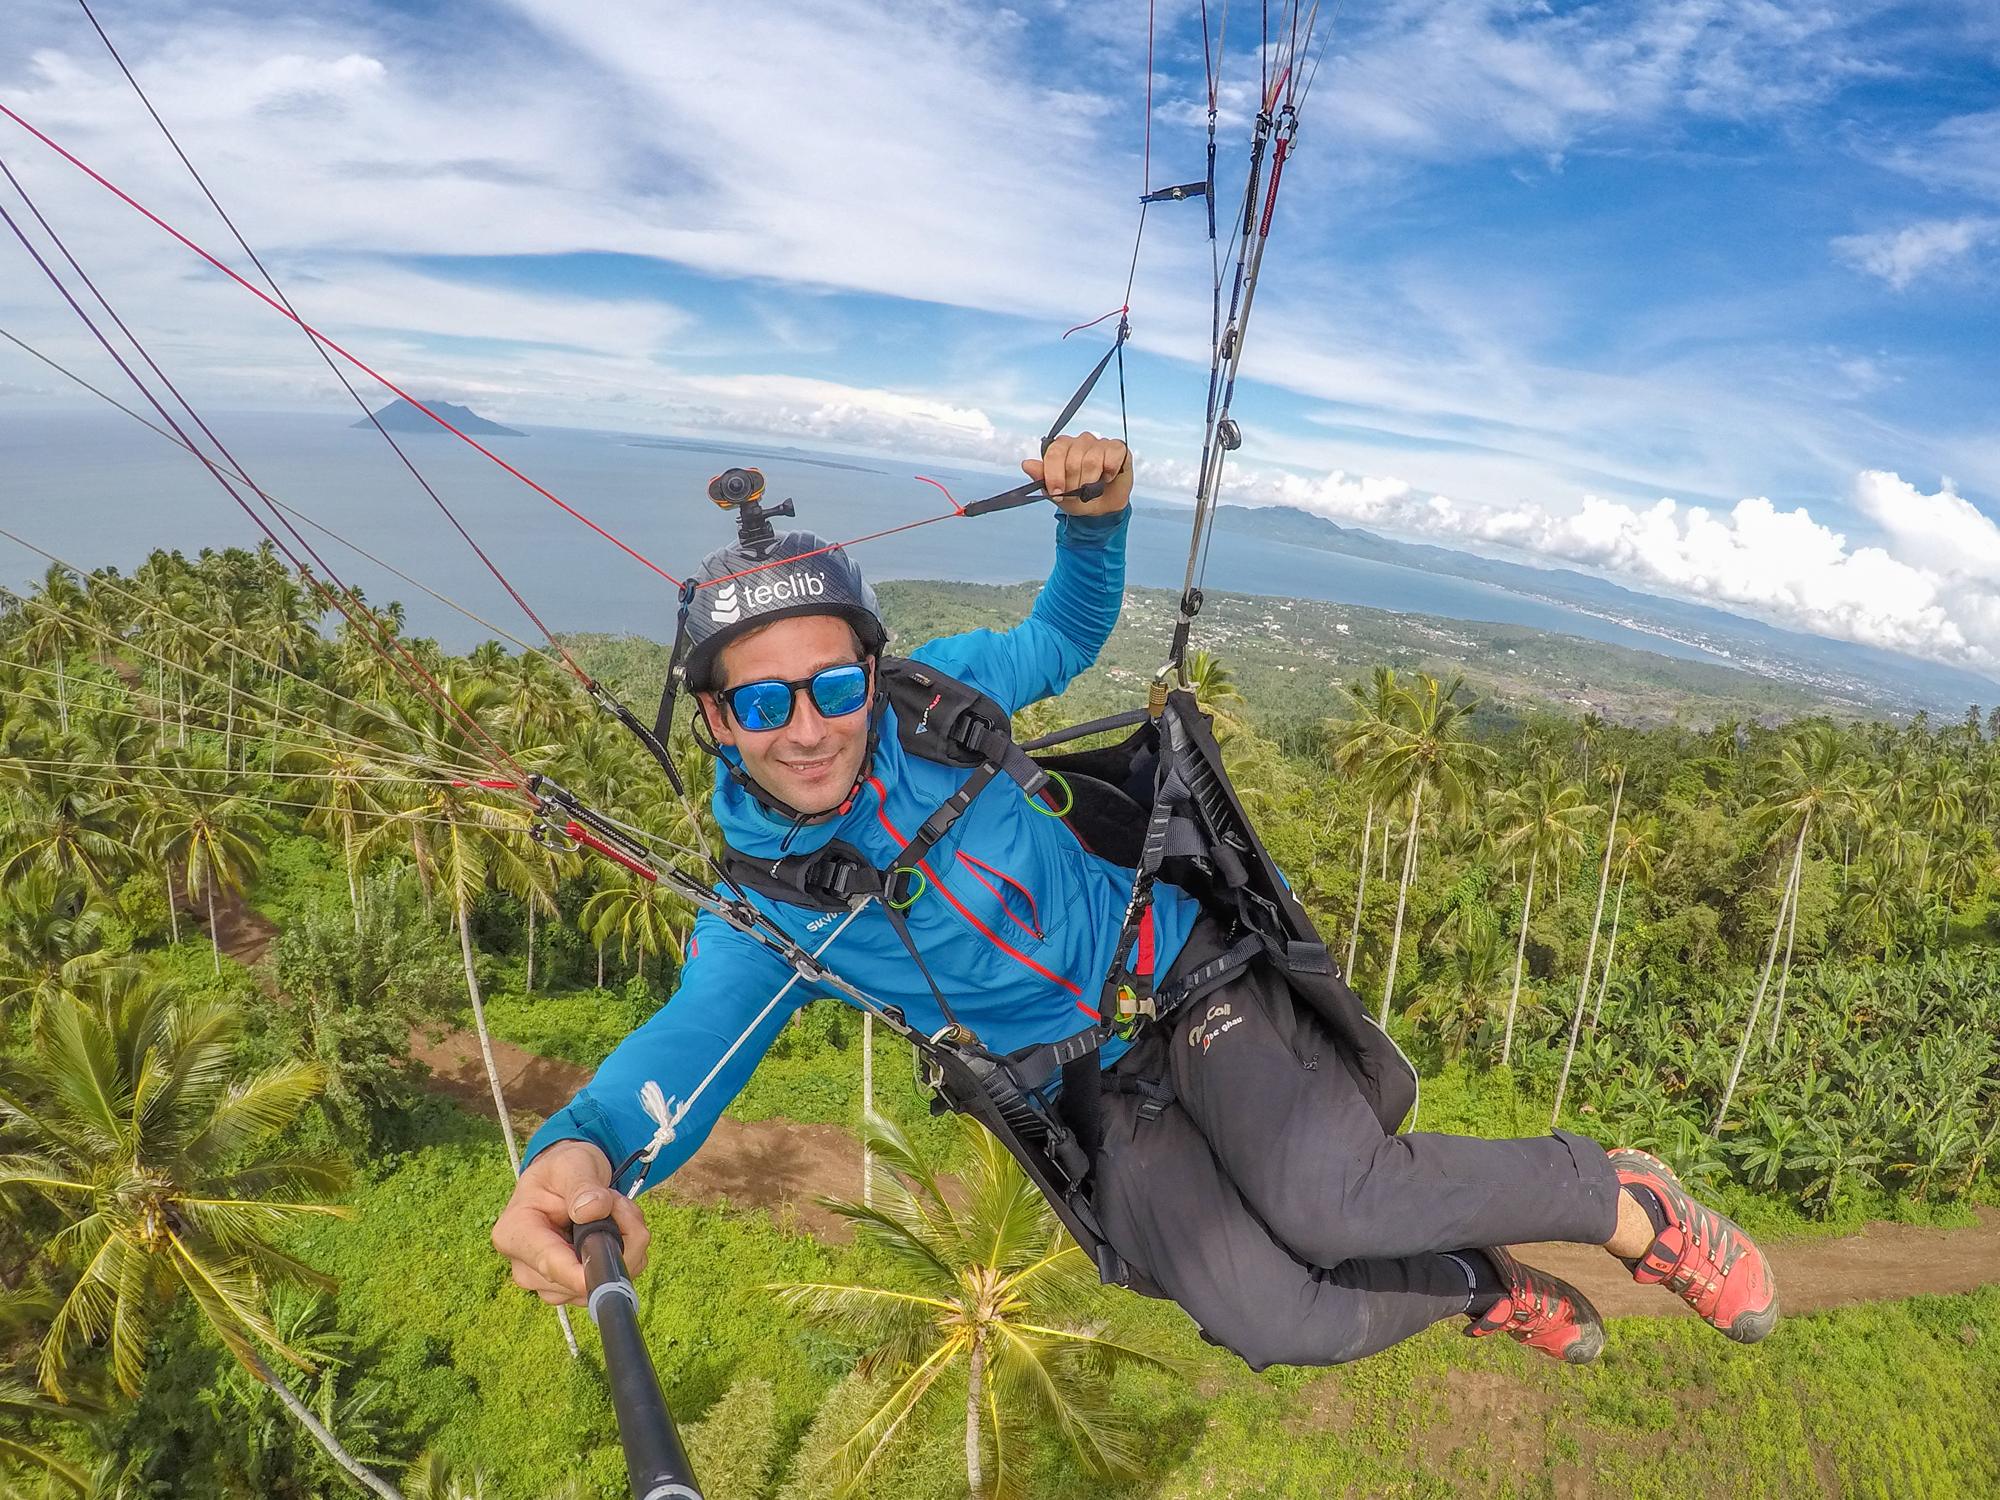 Indonesia Manado Parapente